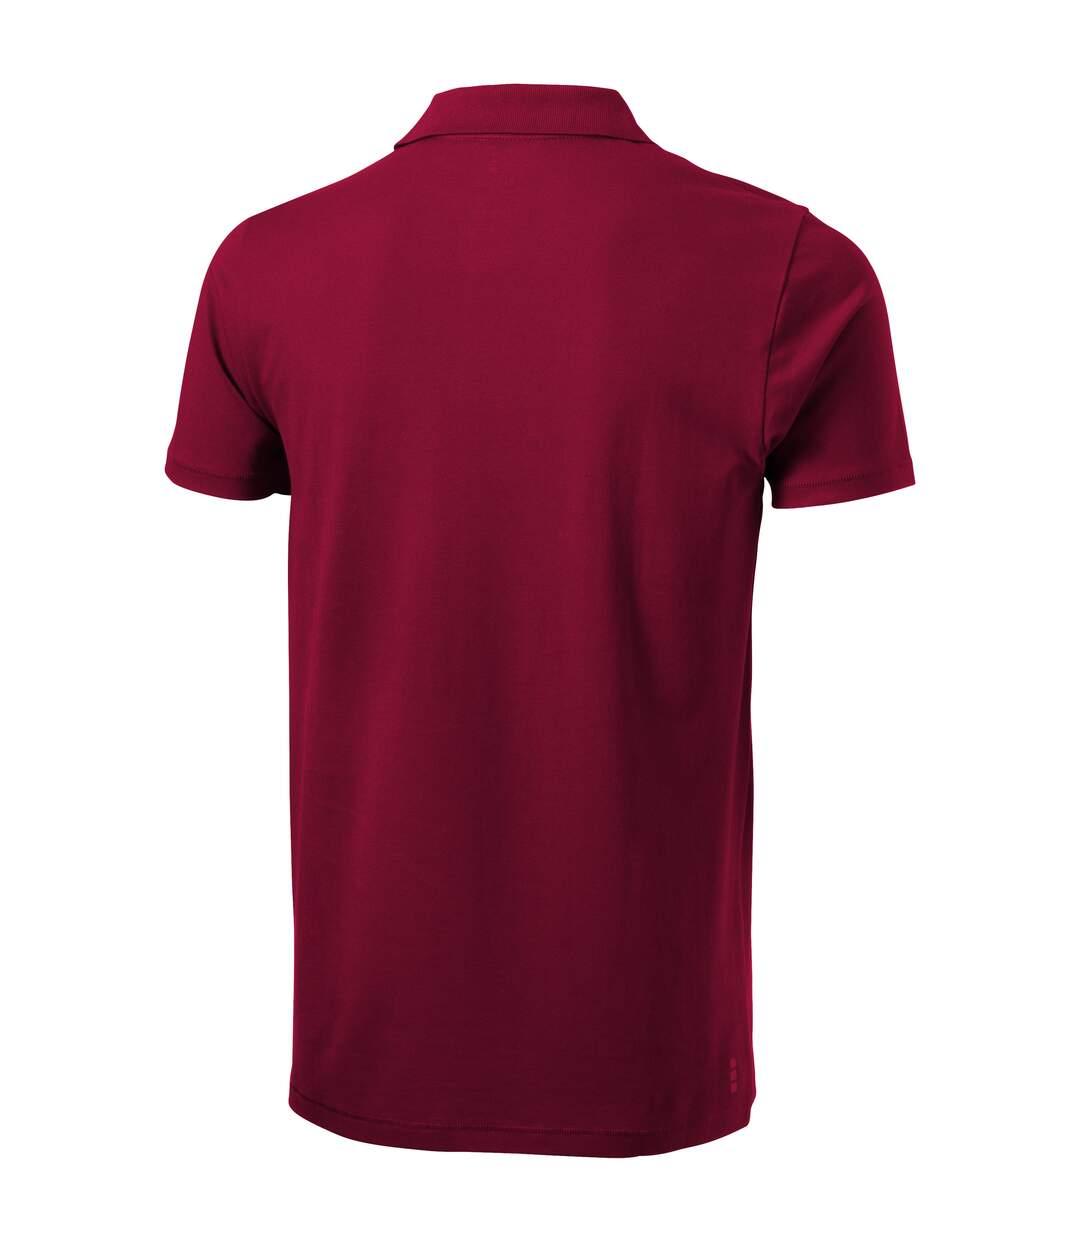 Elevate Mens Seller Short Sleeve Polo (Burgundy) - UTPF1825